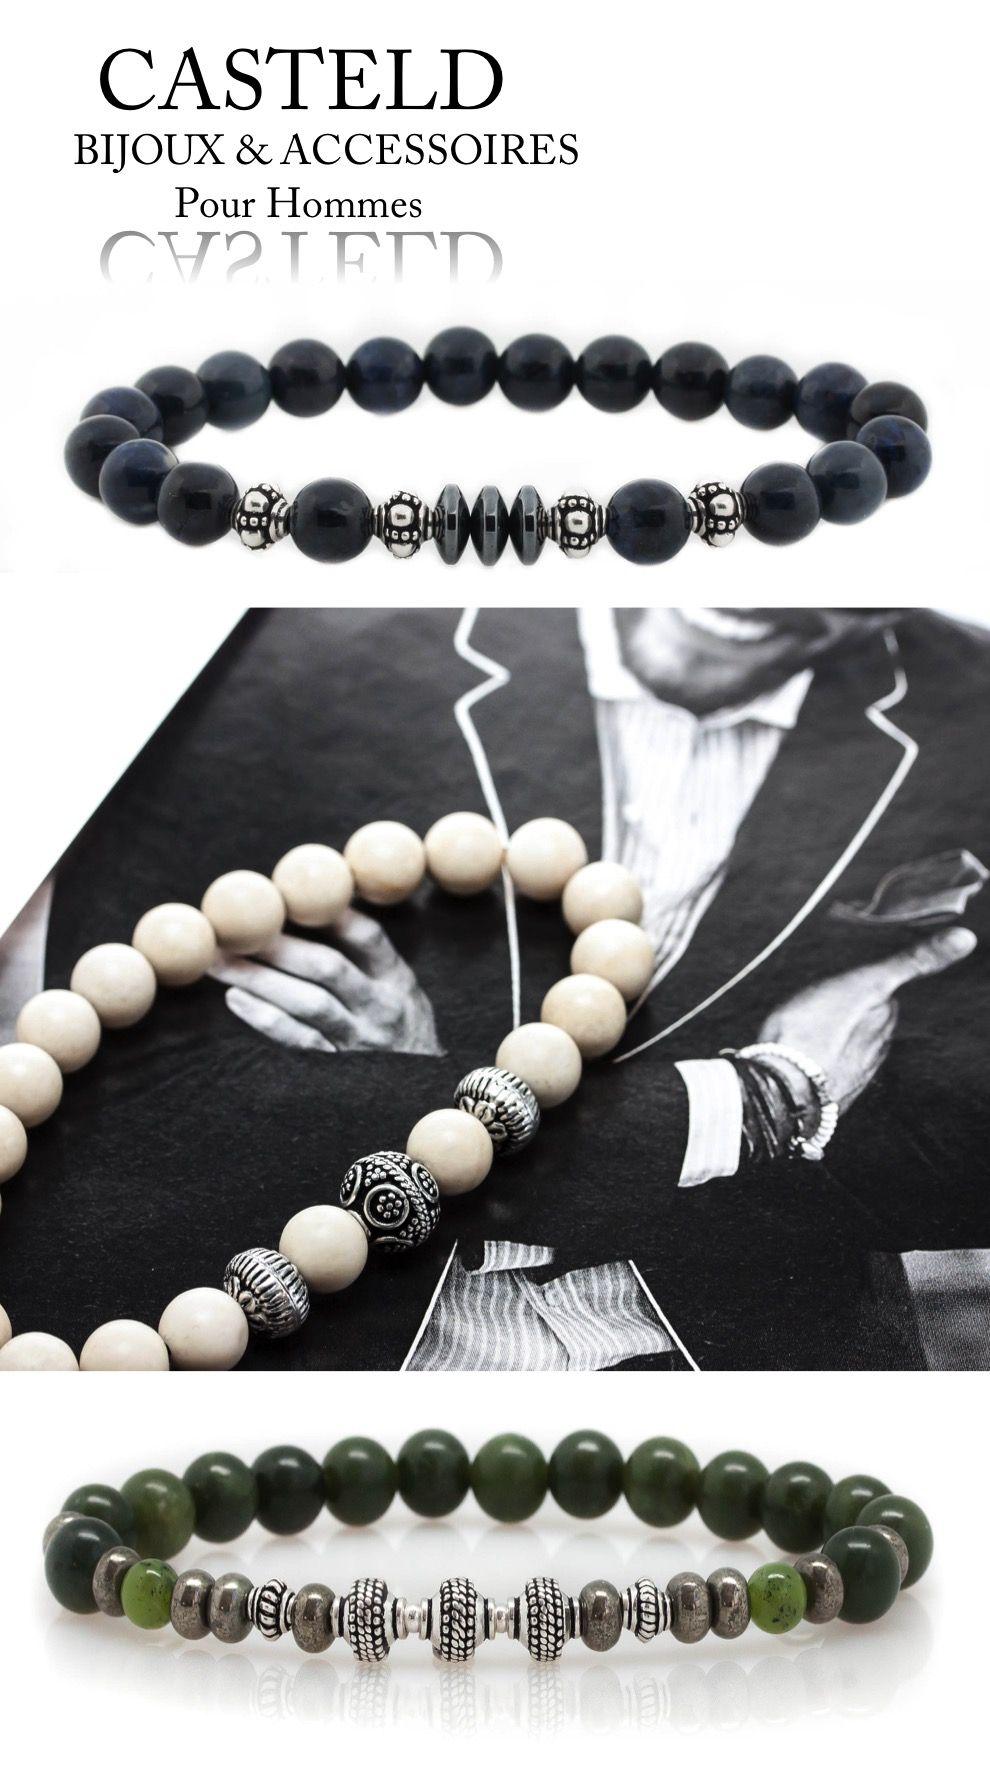 pingl par casteld sur bijoux pour homme bijoux homme bracelet homme et bracelet perle. Black Bedroom Furniture Sets. Home Design Ideas